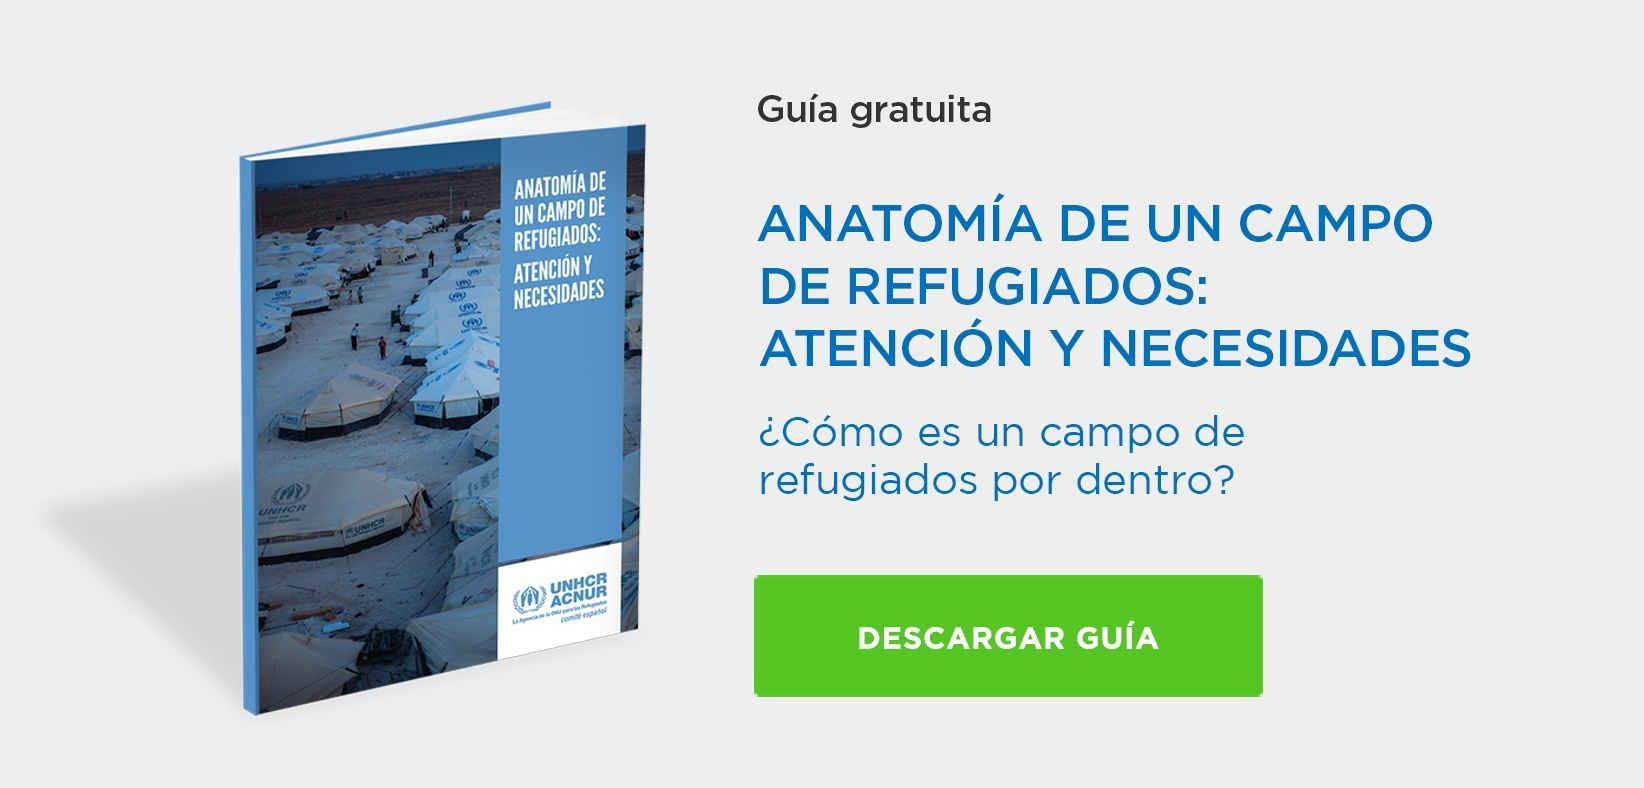 Descarga guía crisis humanitaria 2015